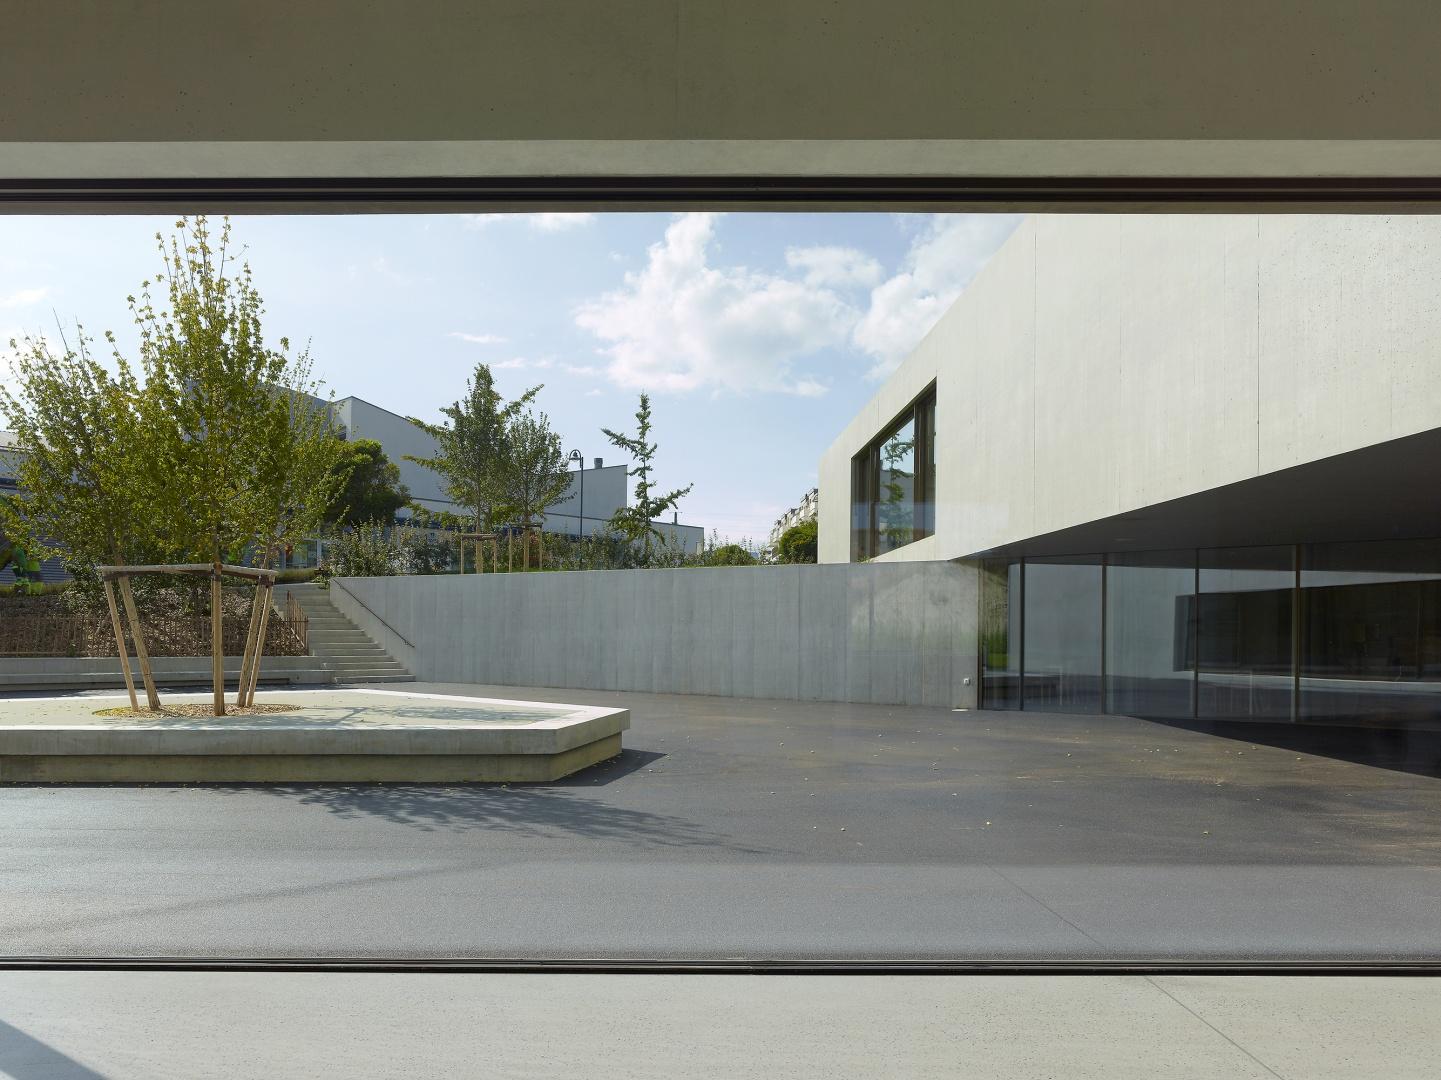 préau d'école depuis l'intérieur © Thomas Jantscher